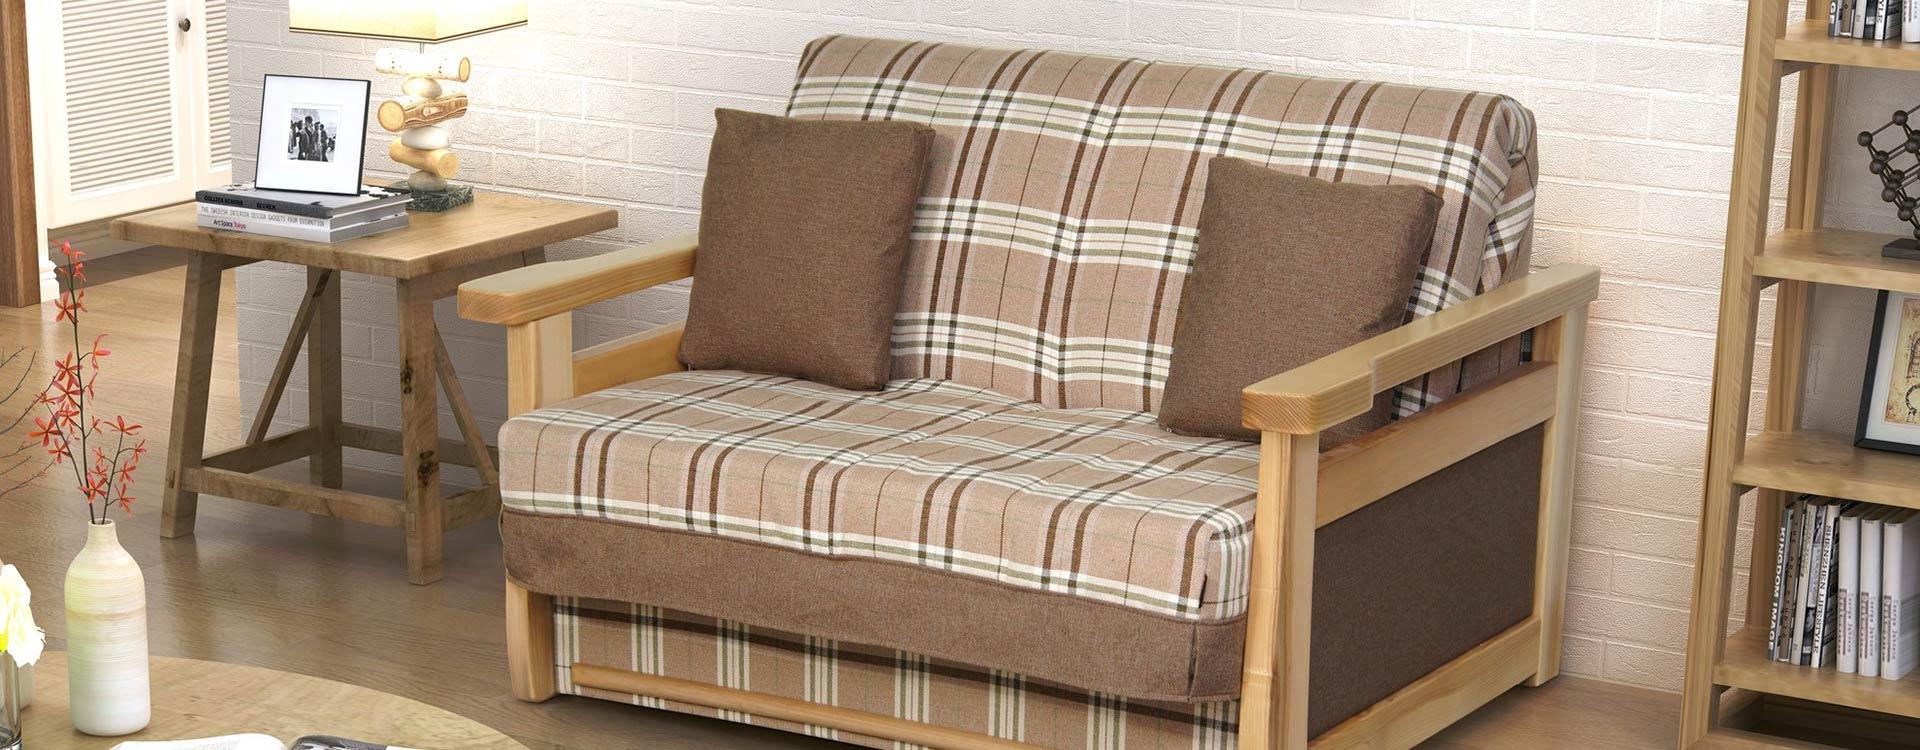 М'які дерев'яні меблі фабрики Константа